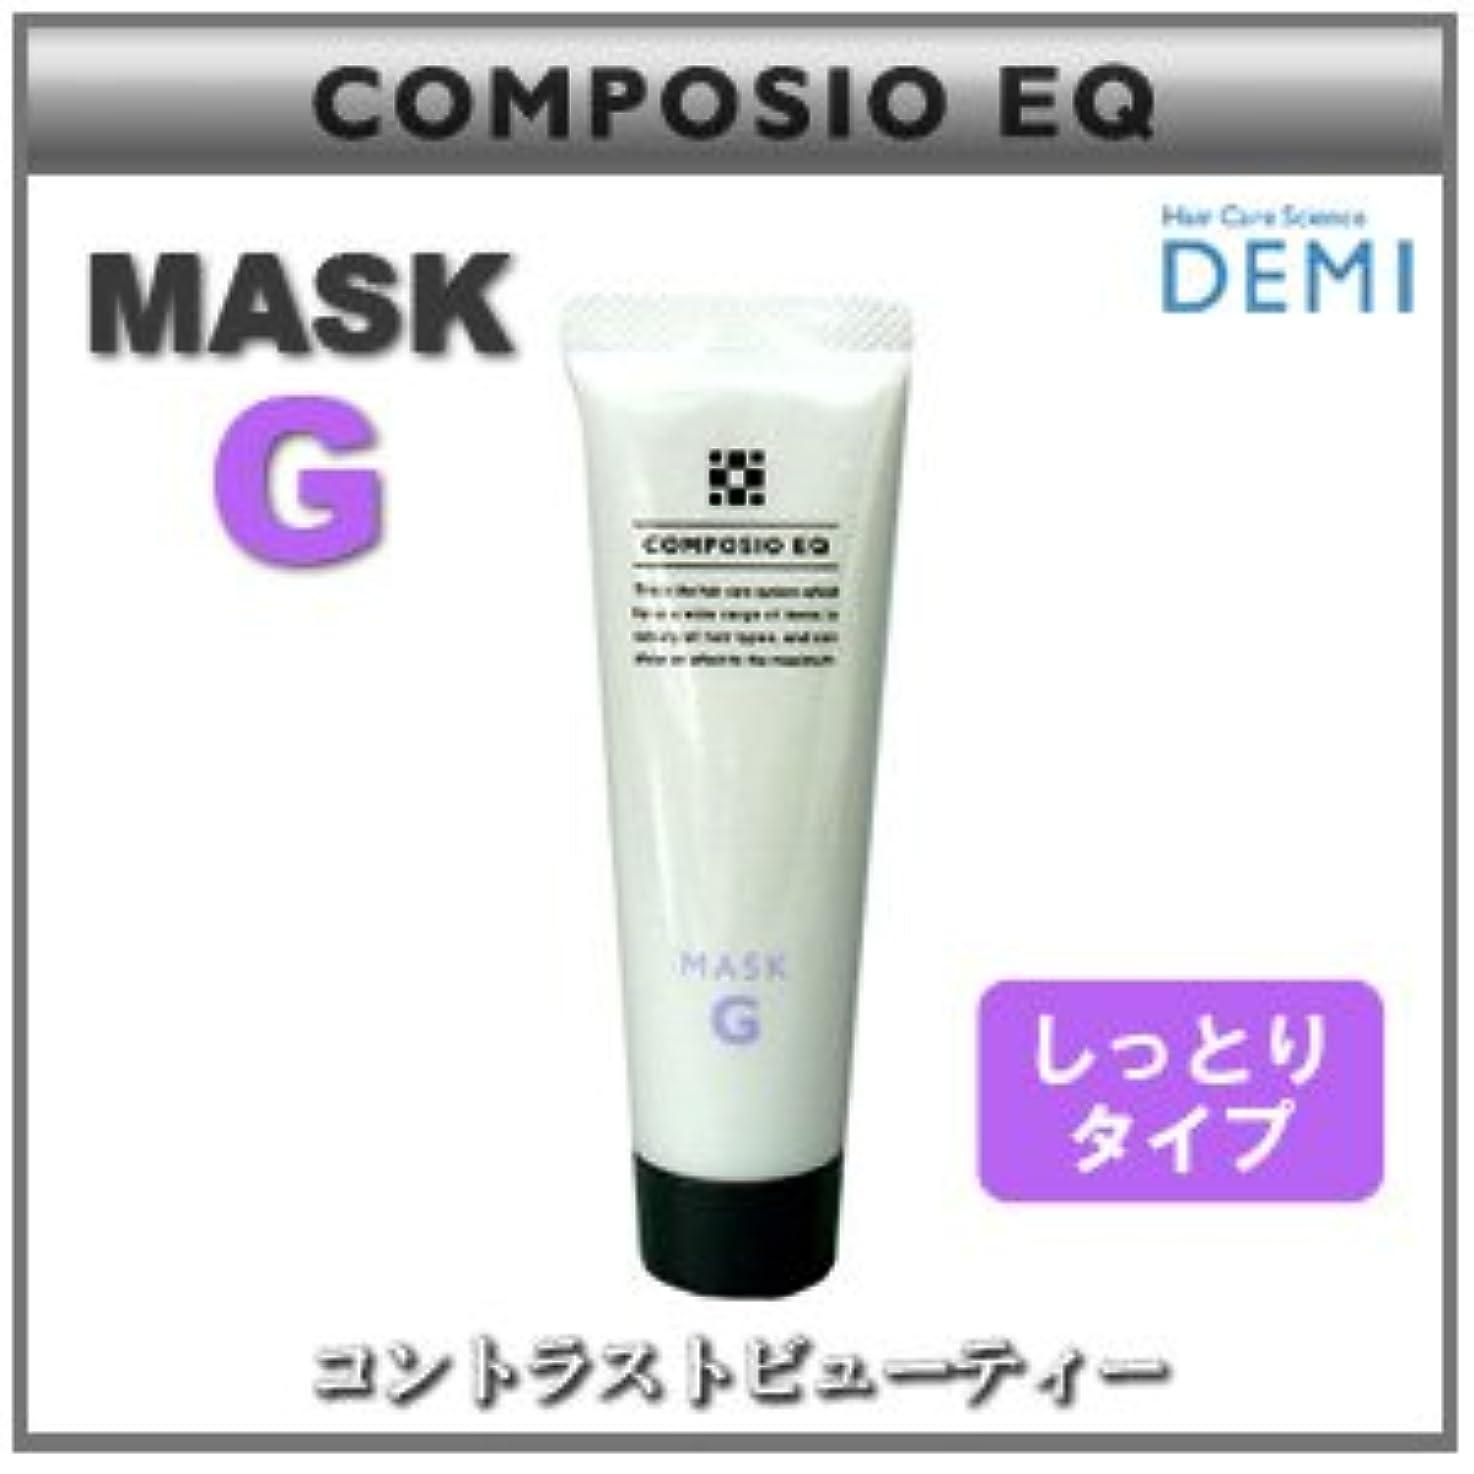 温かい早める拡張【X5個セット】 デミ コンポジオ EQ マスク G 50g